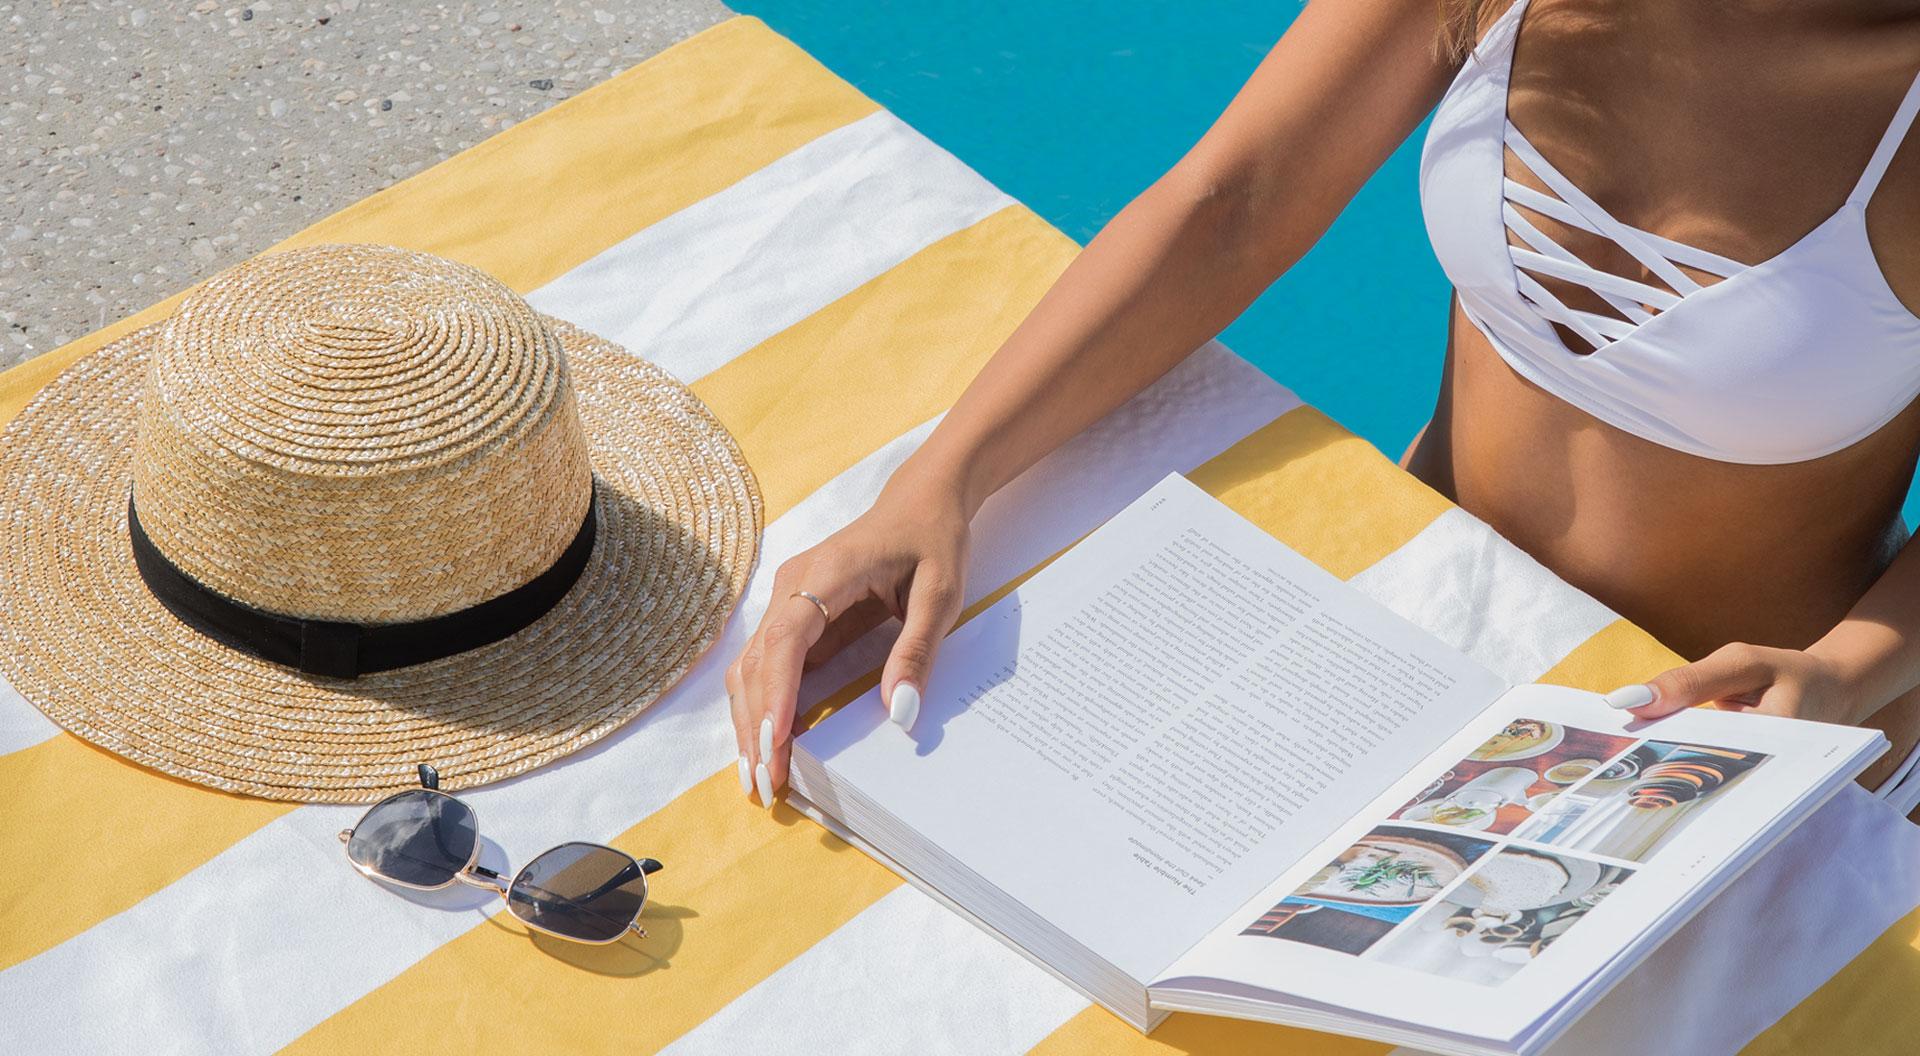 sumoii beach towel